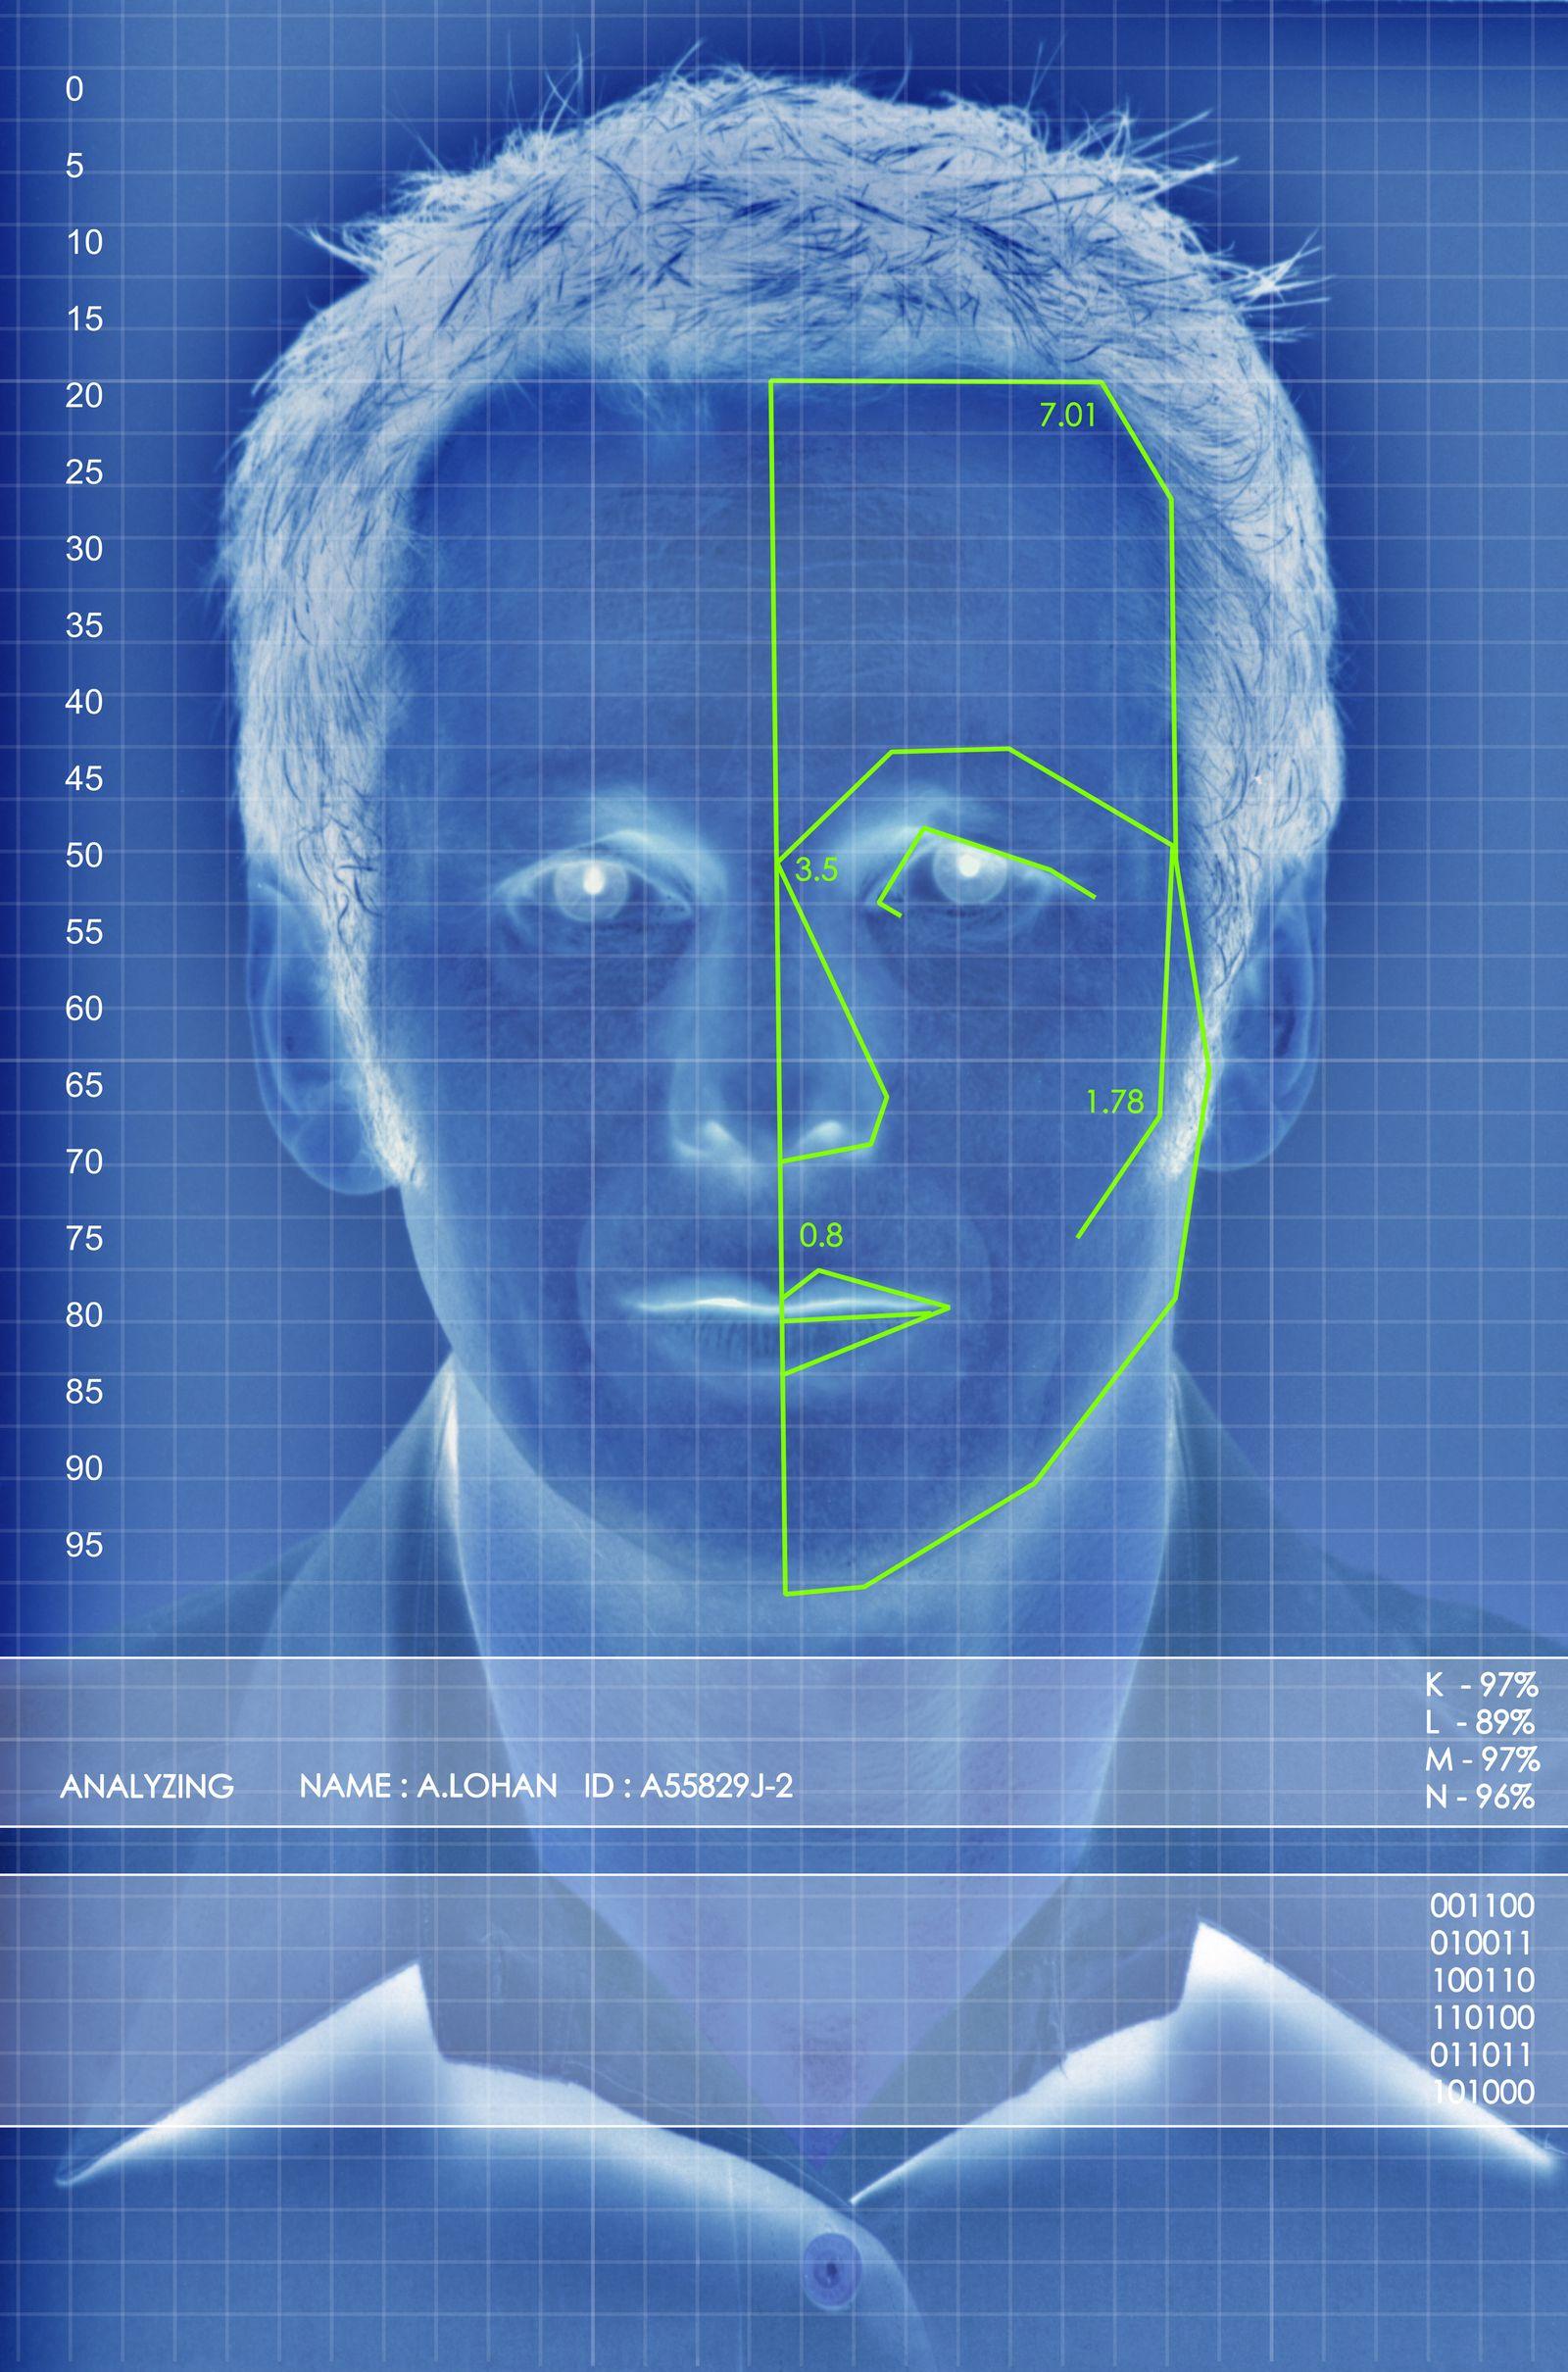 NICHT MEHR VERWENDEN! - Symbolbild Face Recognition/ Gesichtserkennung